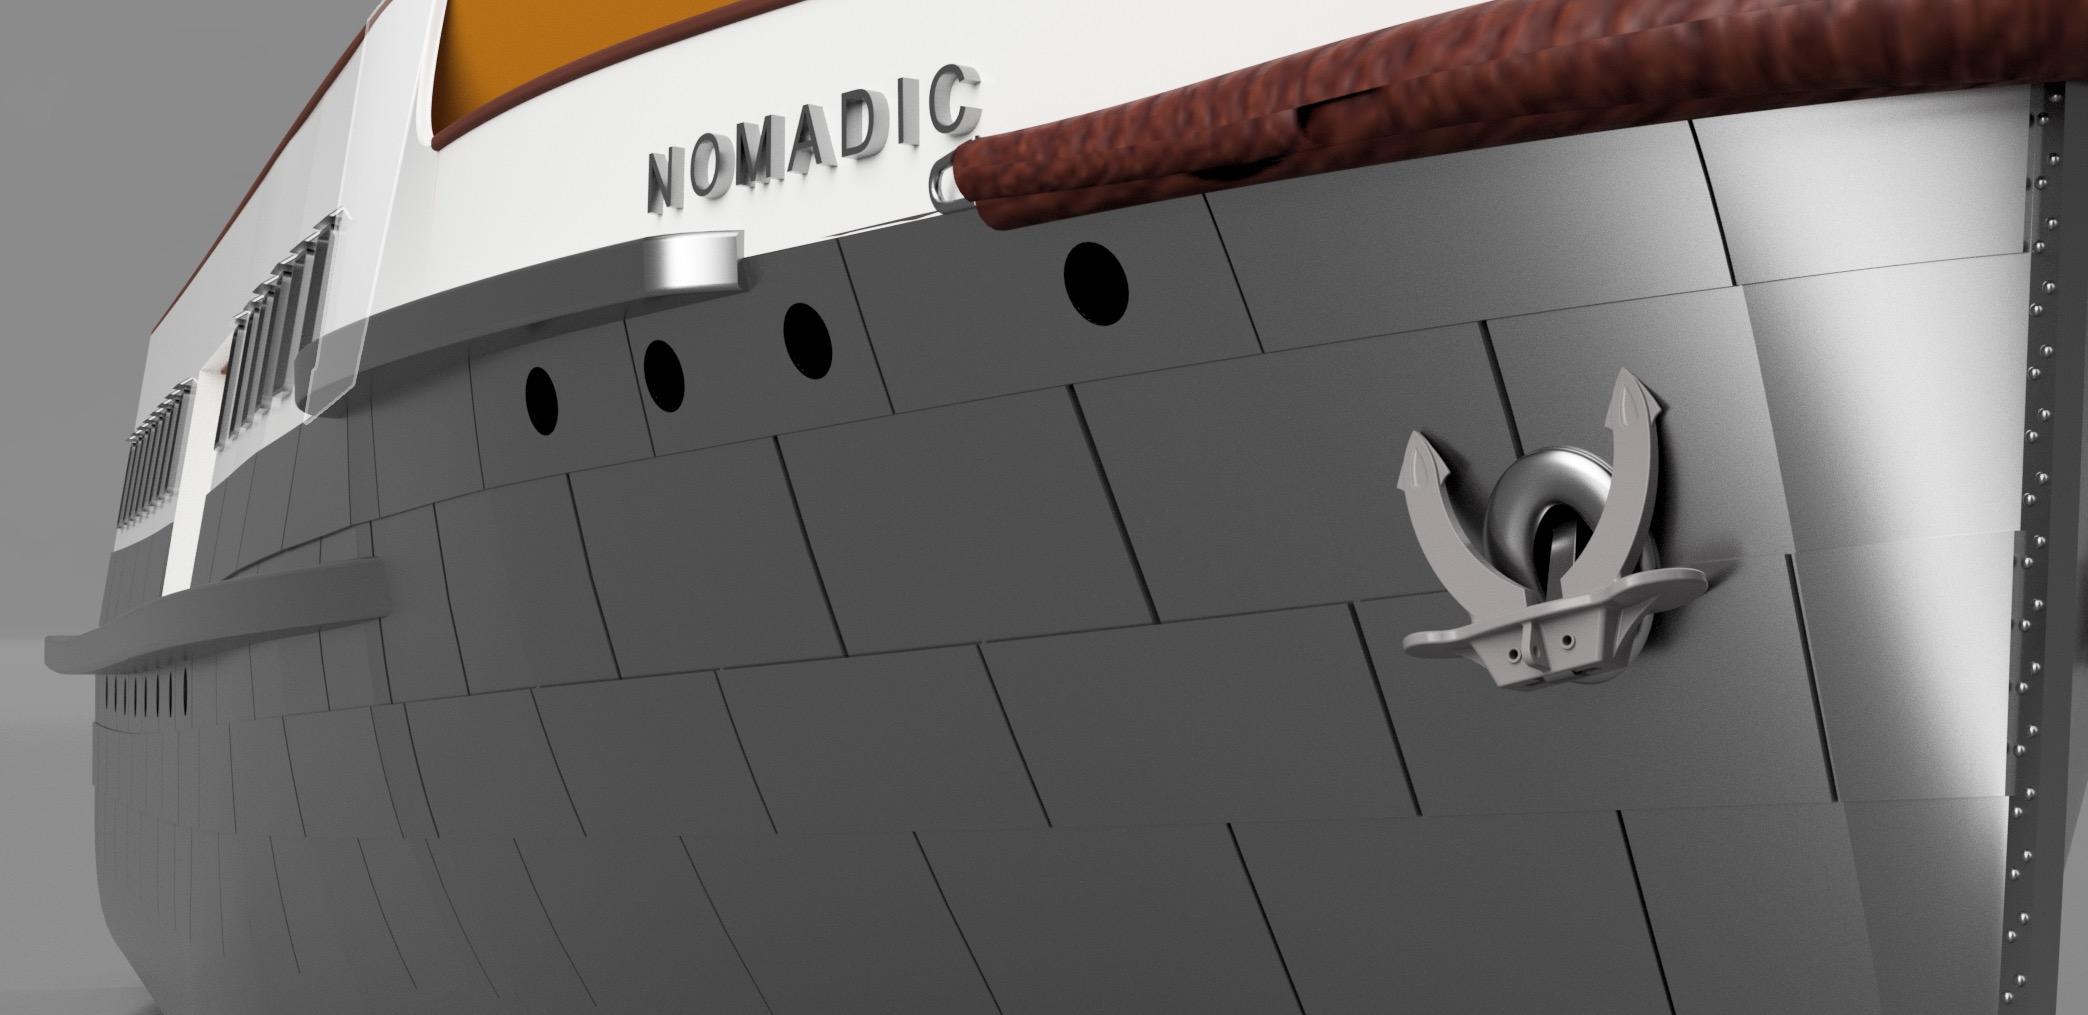 SS Nomadic - Le petit frère du Titanic - 1/200 - 3D [Conception] Screen40